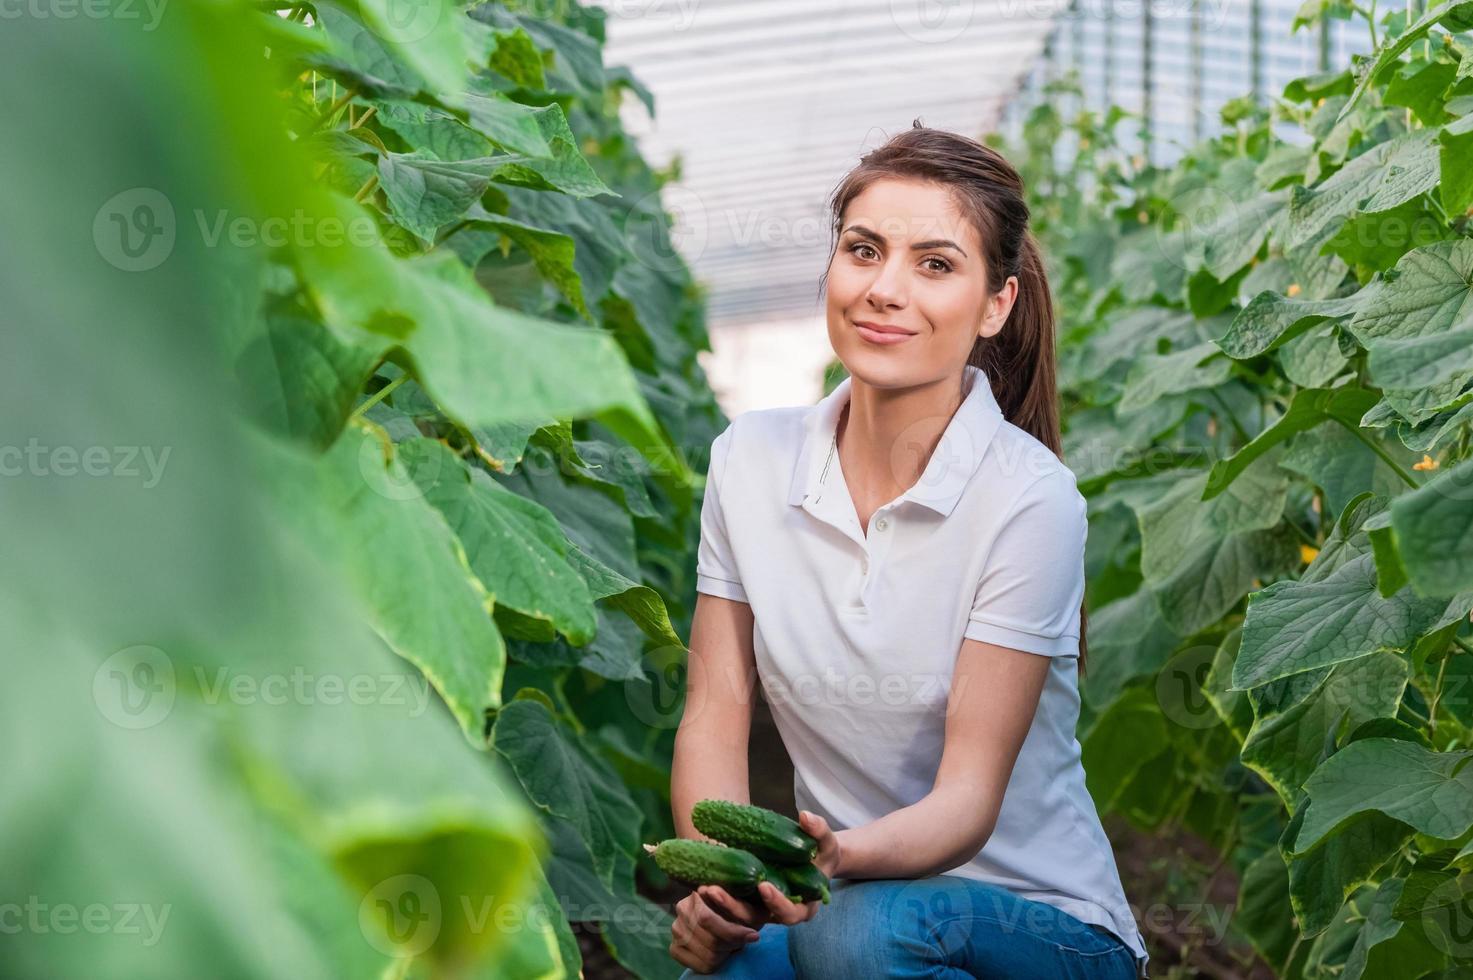 retrato de jovem trabalhador agrícola feminino foto